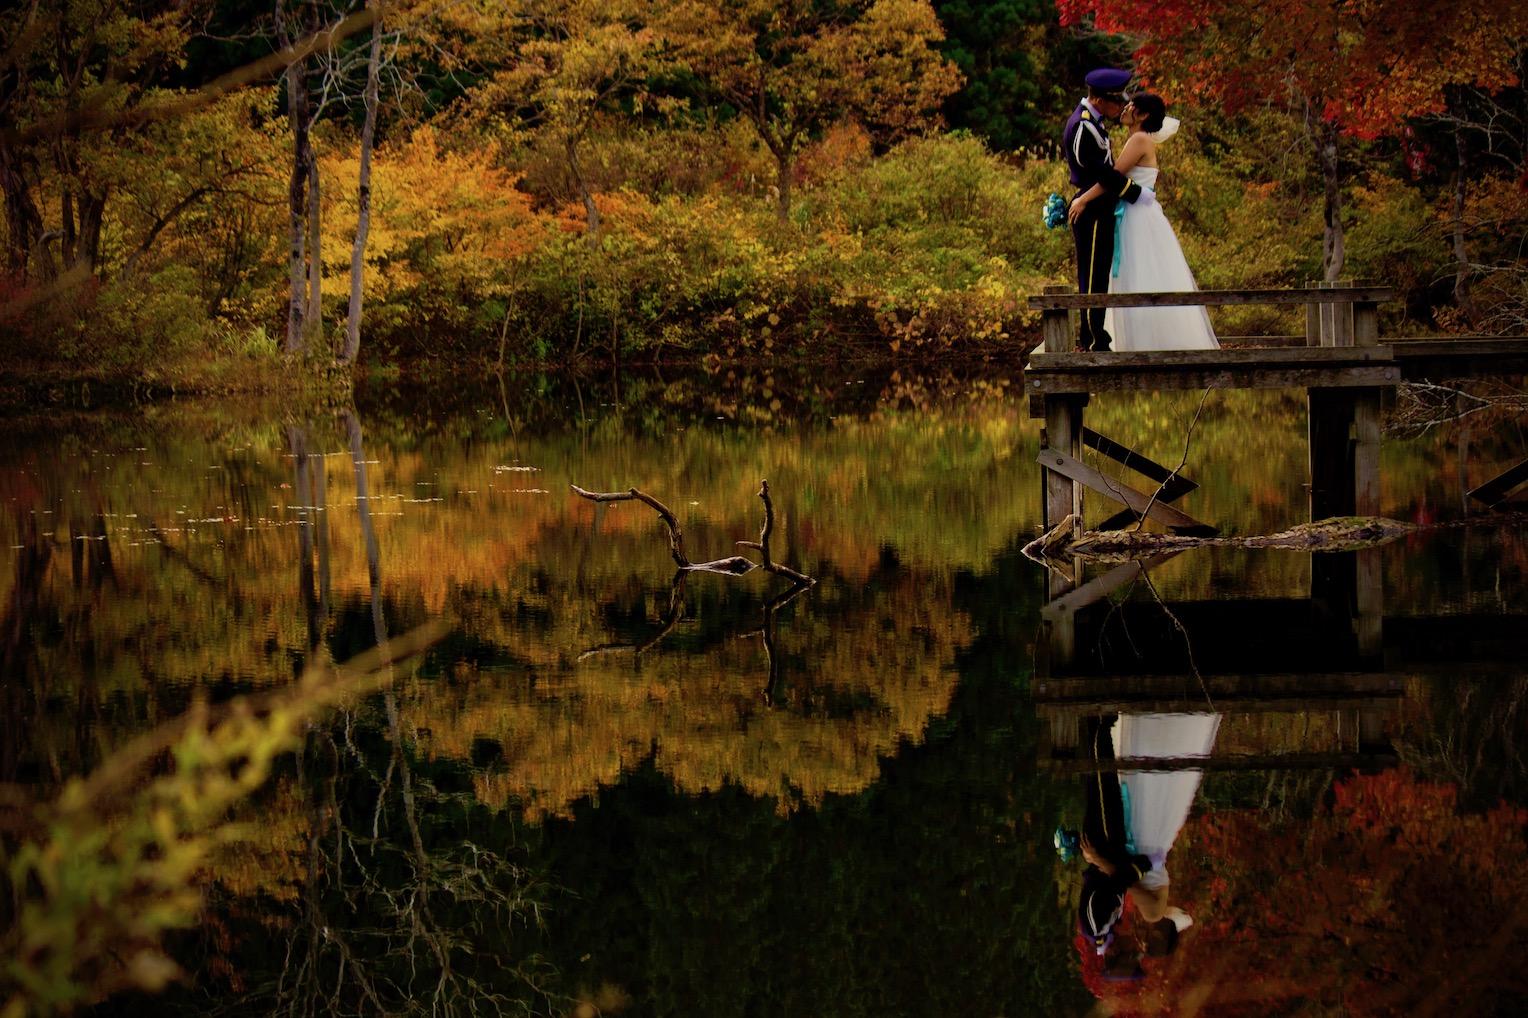 CHEMO × 庄内町フォトコンテスト 紅葉の秋を撮りさあべ